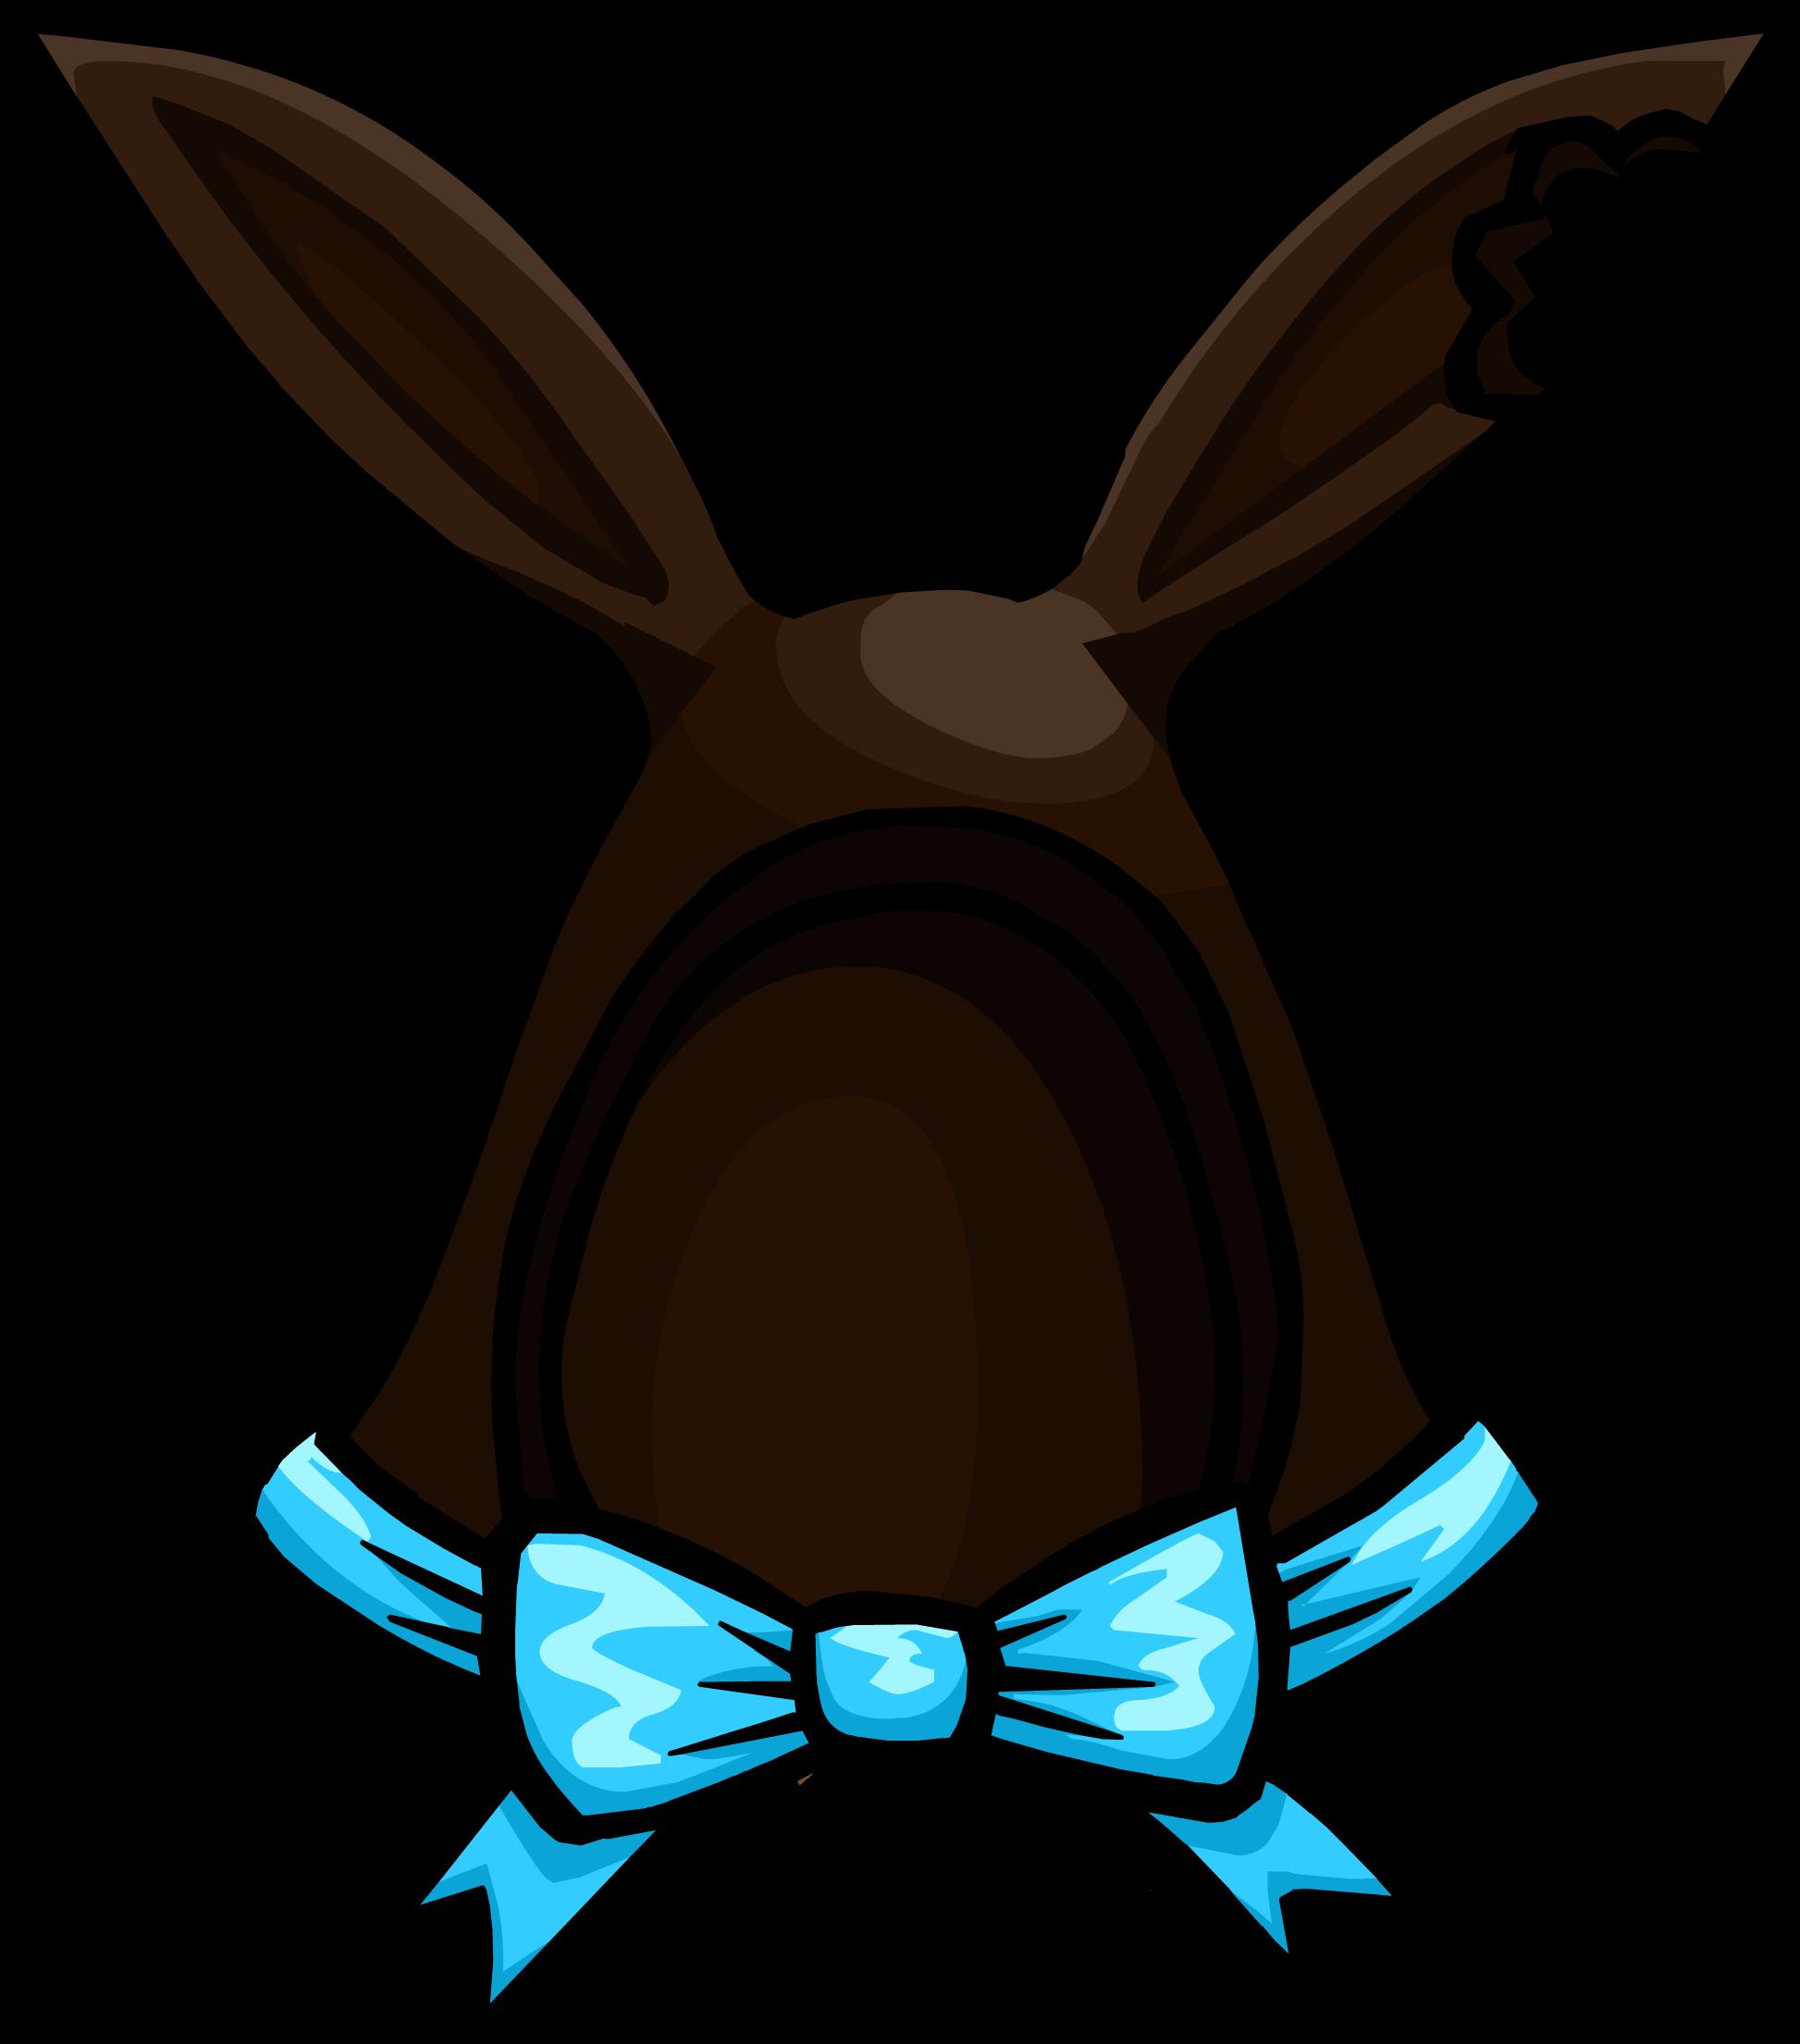 Dark Cocoa Bunny Ears